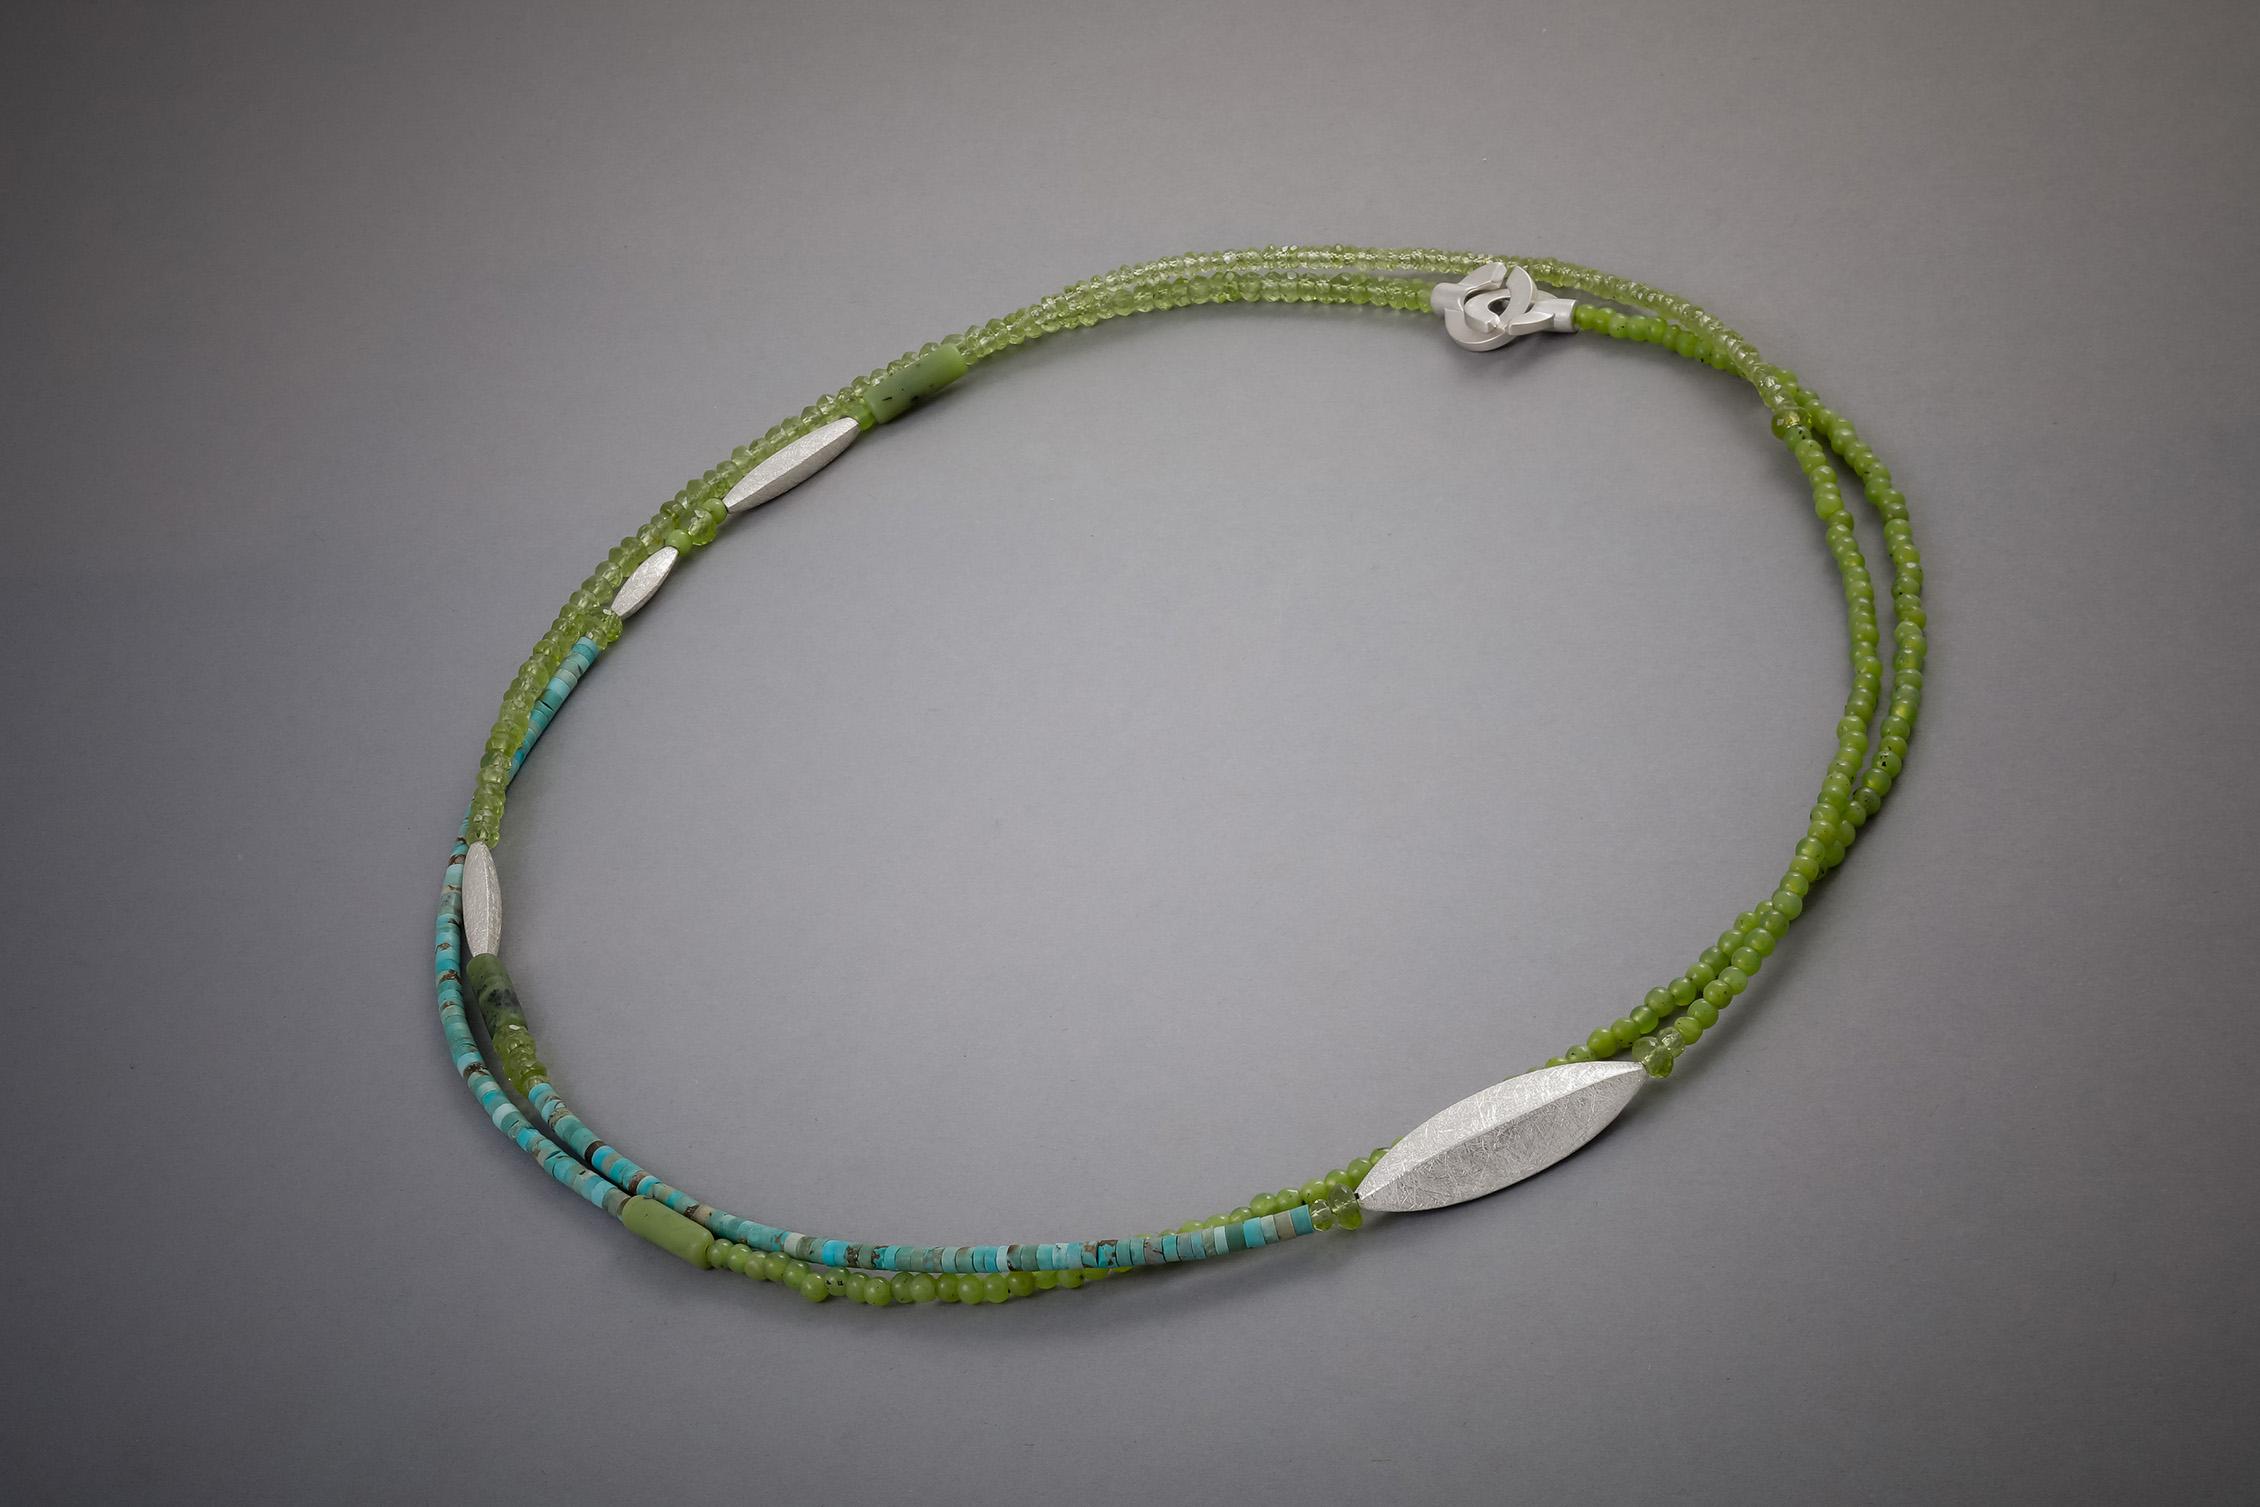 107 Steinkette, Jade, Türkis, Peridot, Silber, ab € 212,-